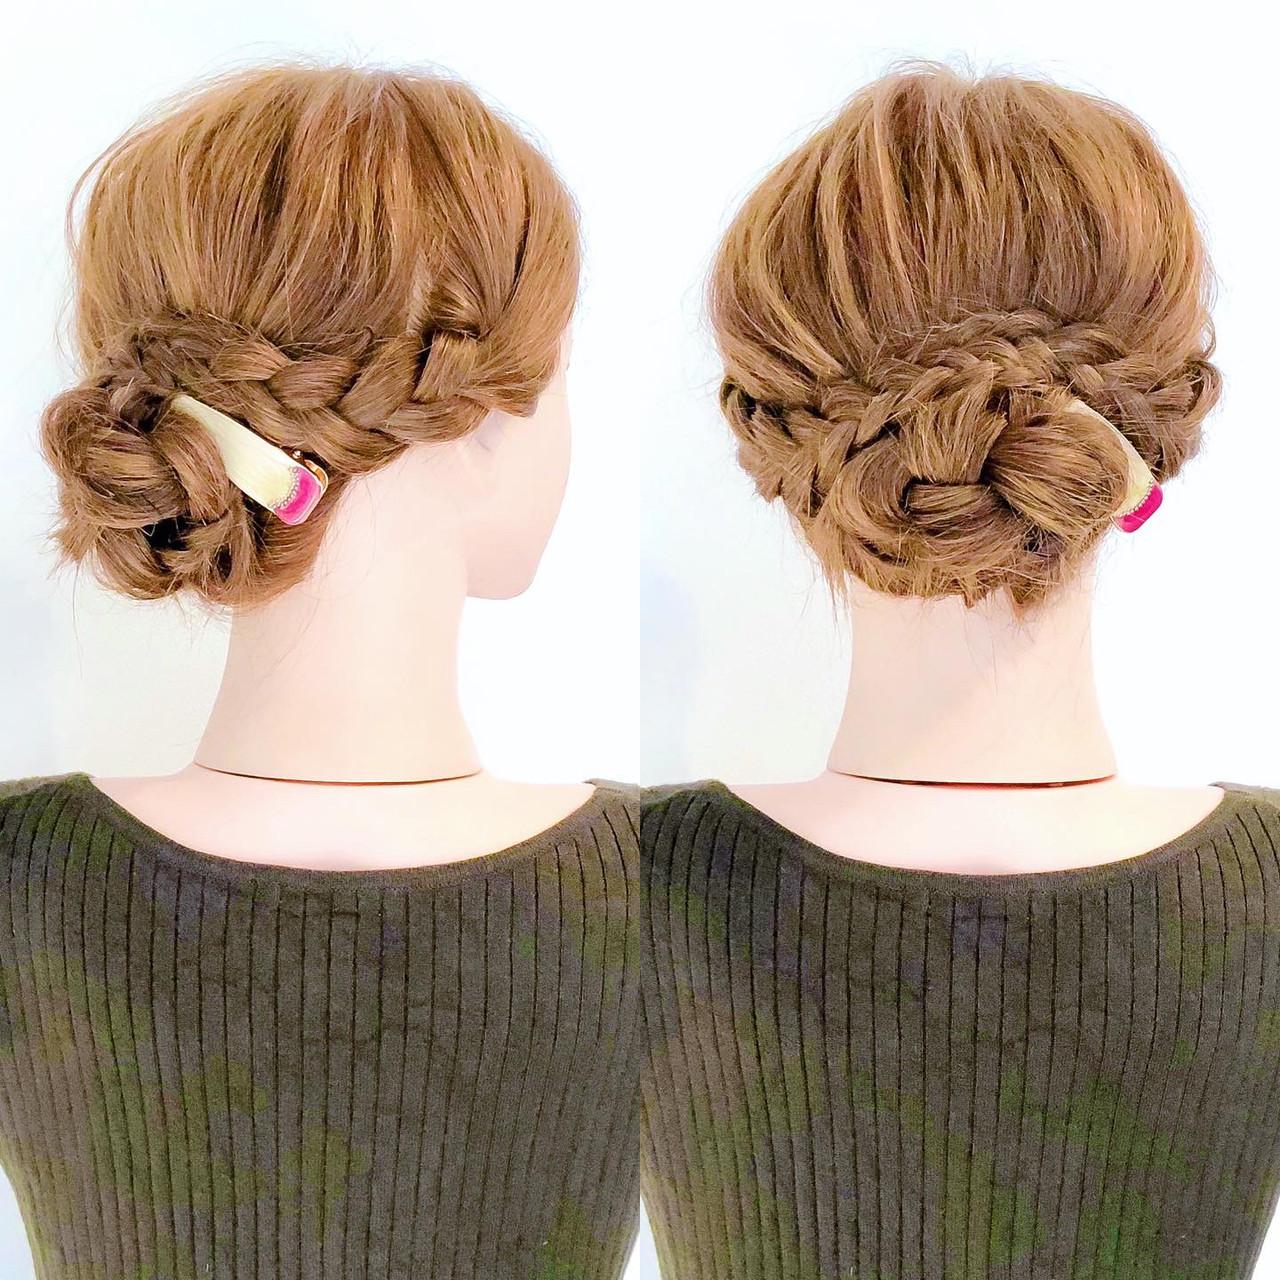 セルフヘアアレンジ アップスタイル 三つ編み お団子アレンジ ヘアスタイルや髪型の写真・画像